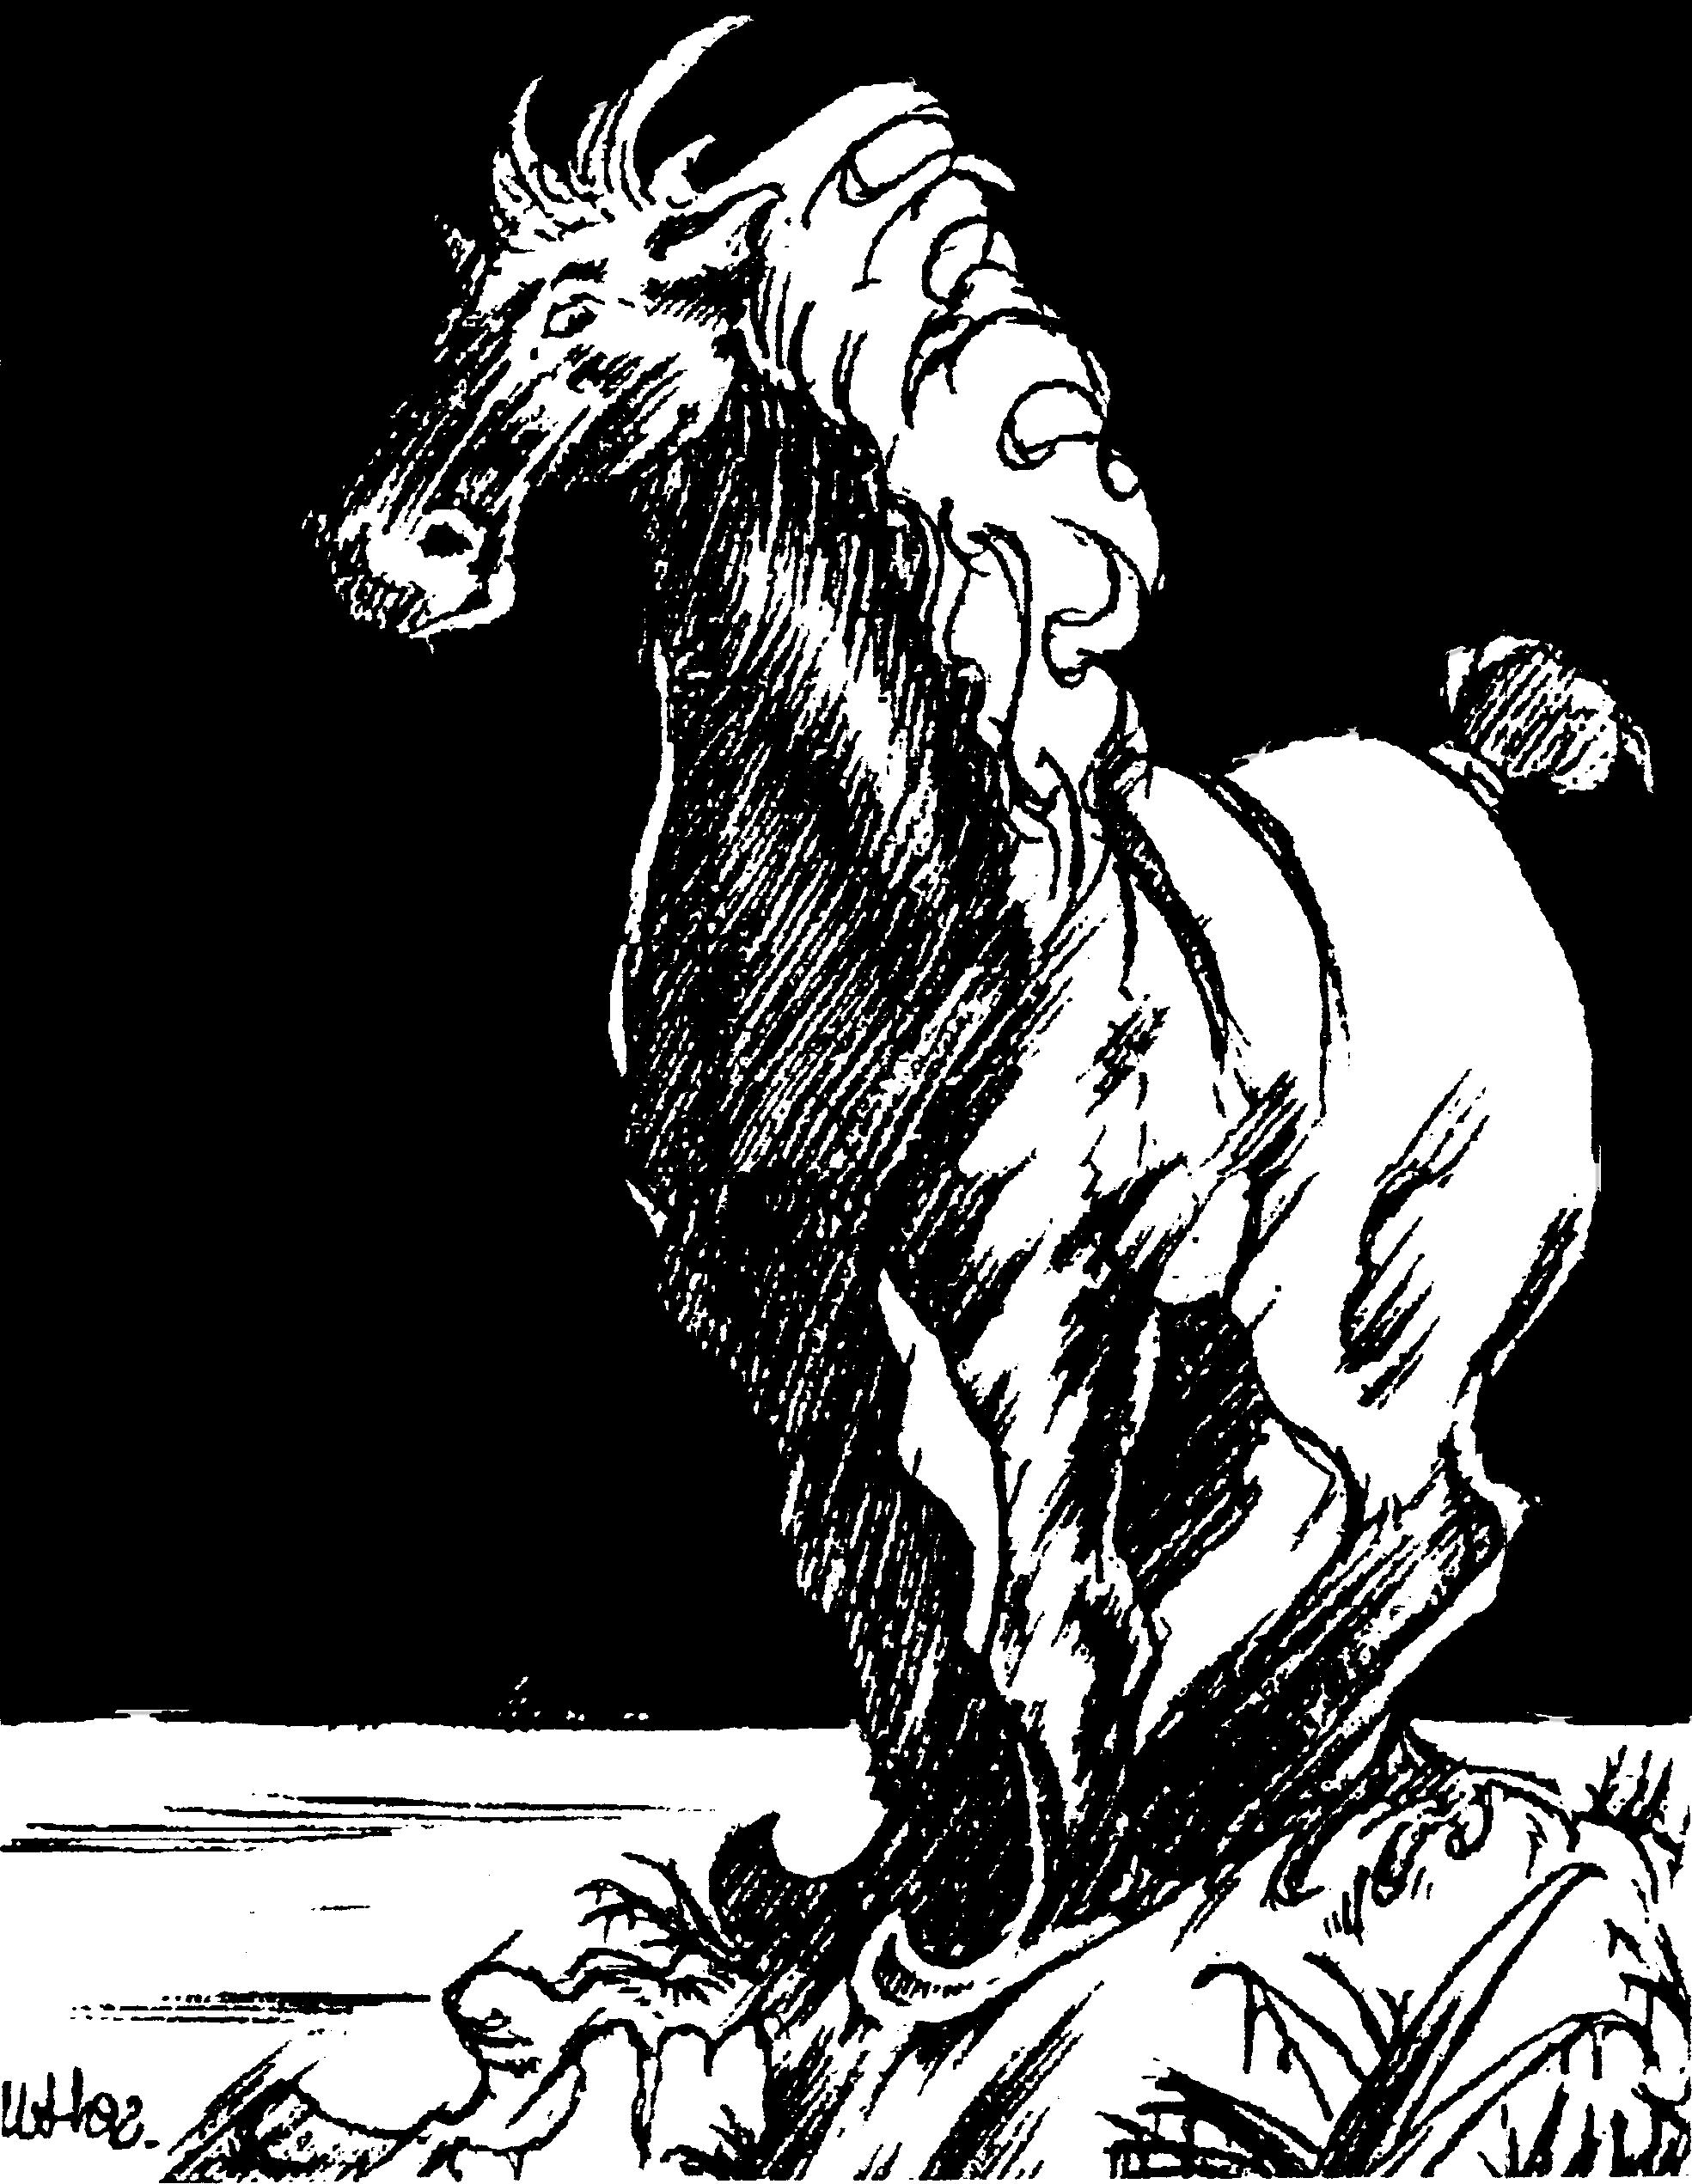 Un cheval avec des patins en guise de sabots